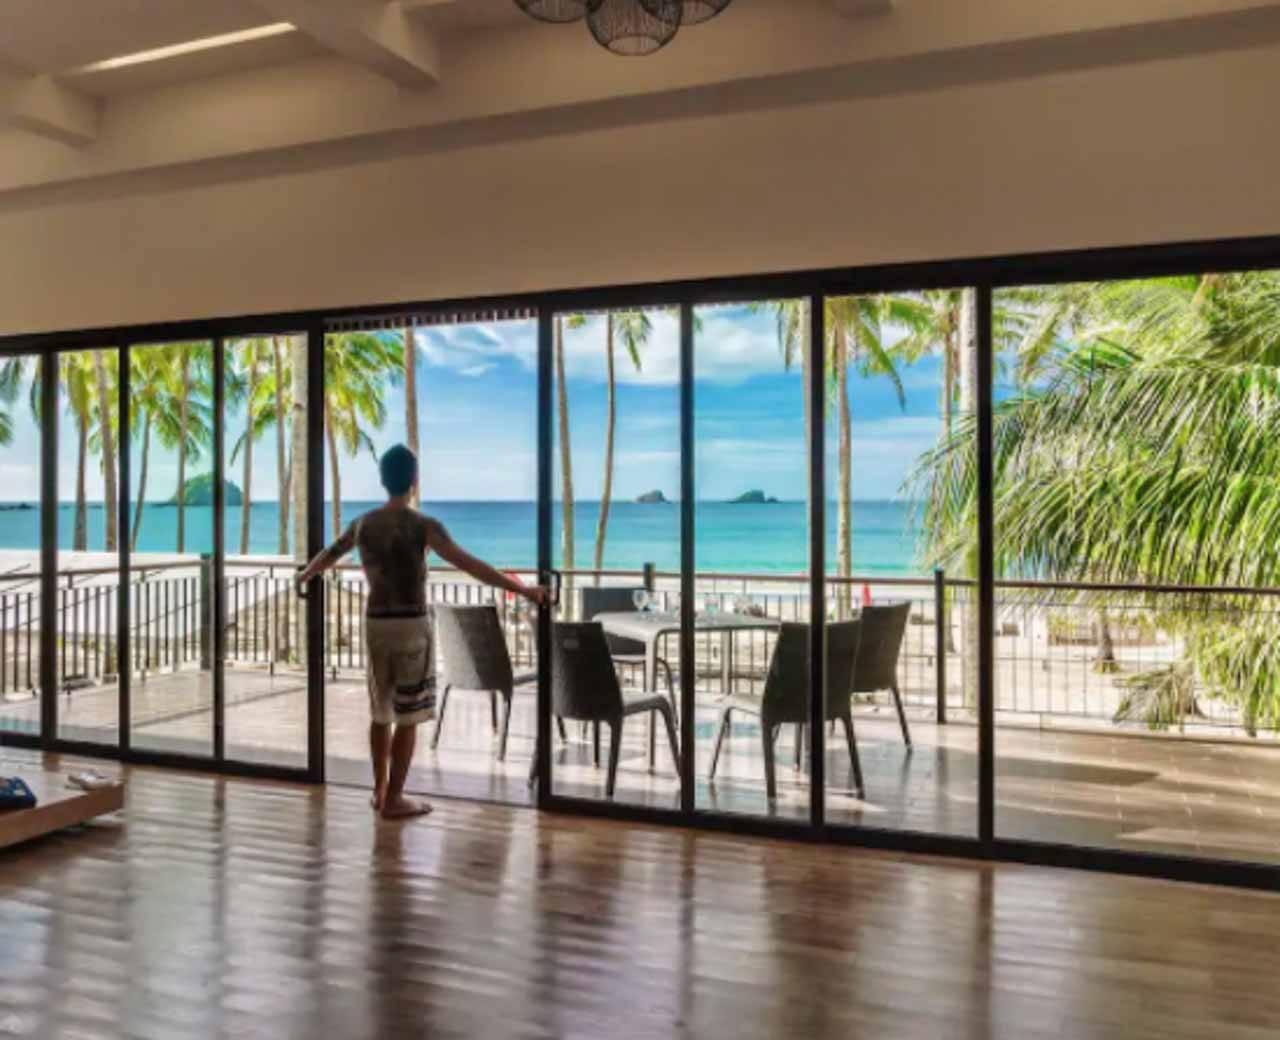 Melhor exemplo de Airbnb em El Nido nas Filipinas.